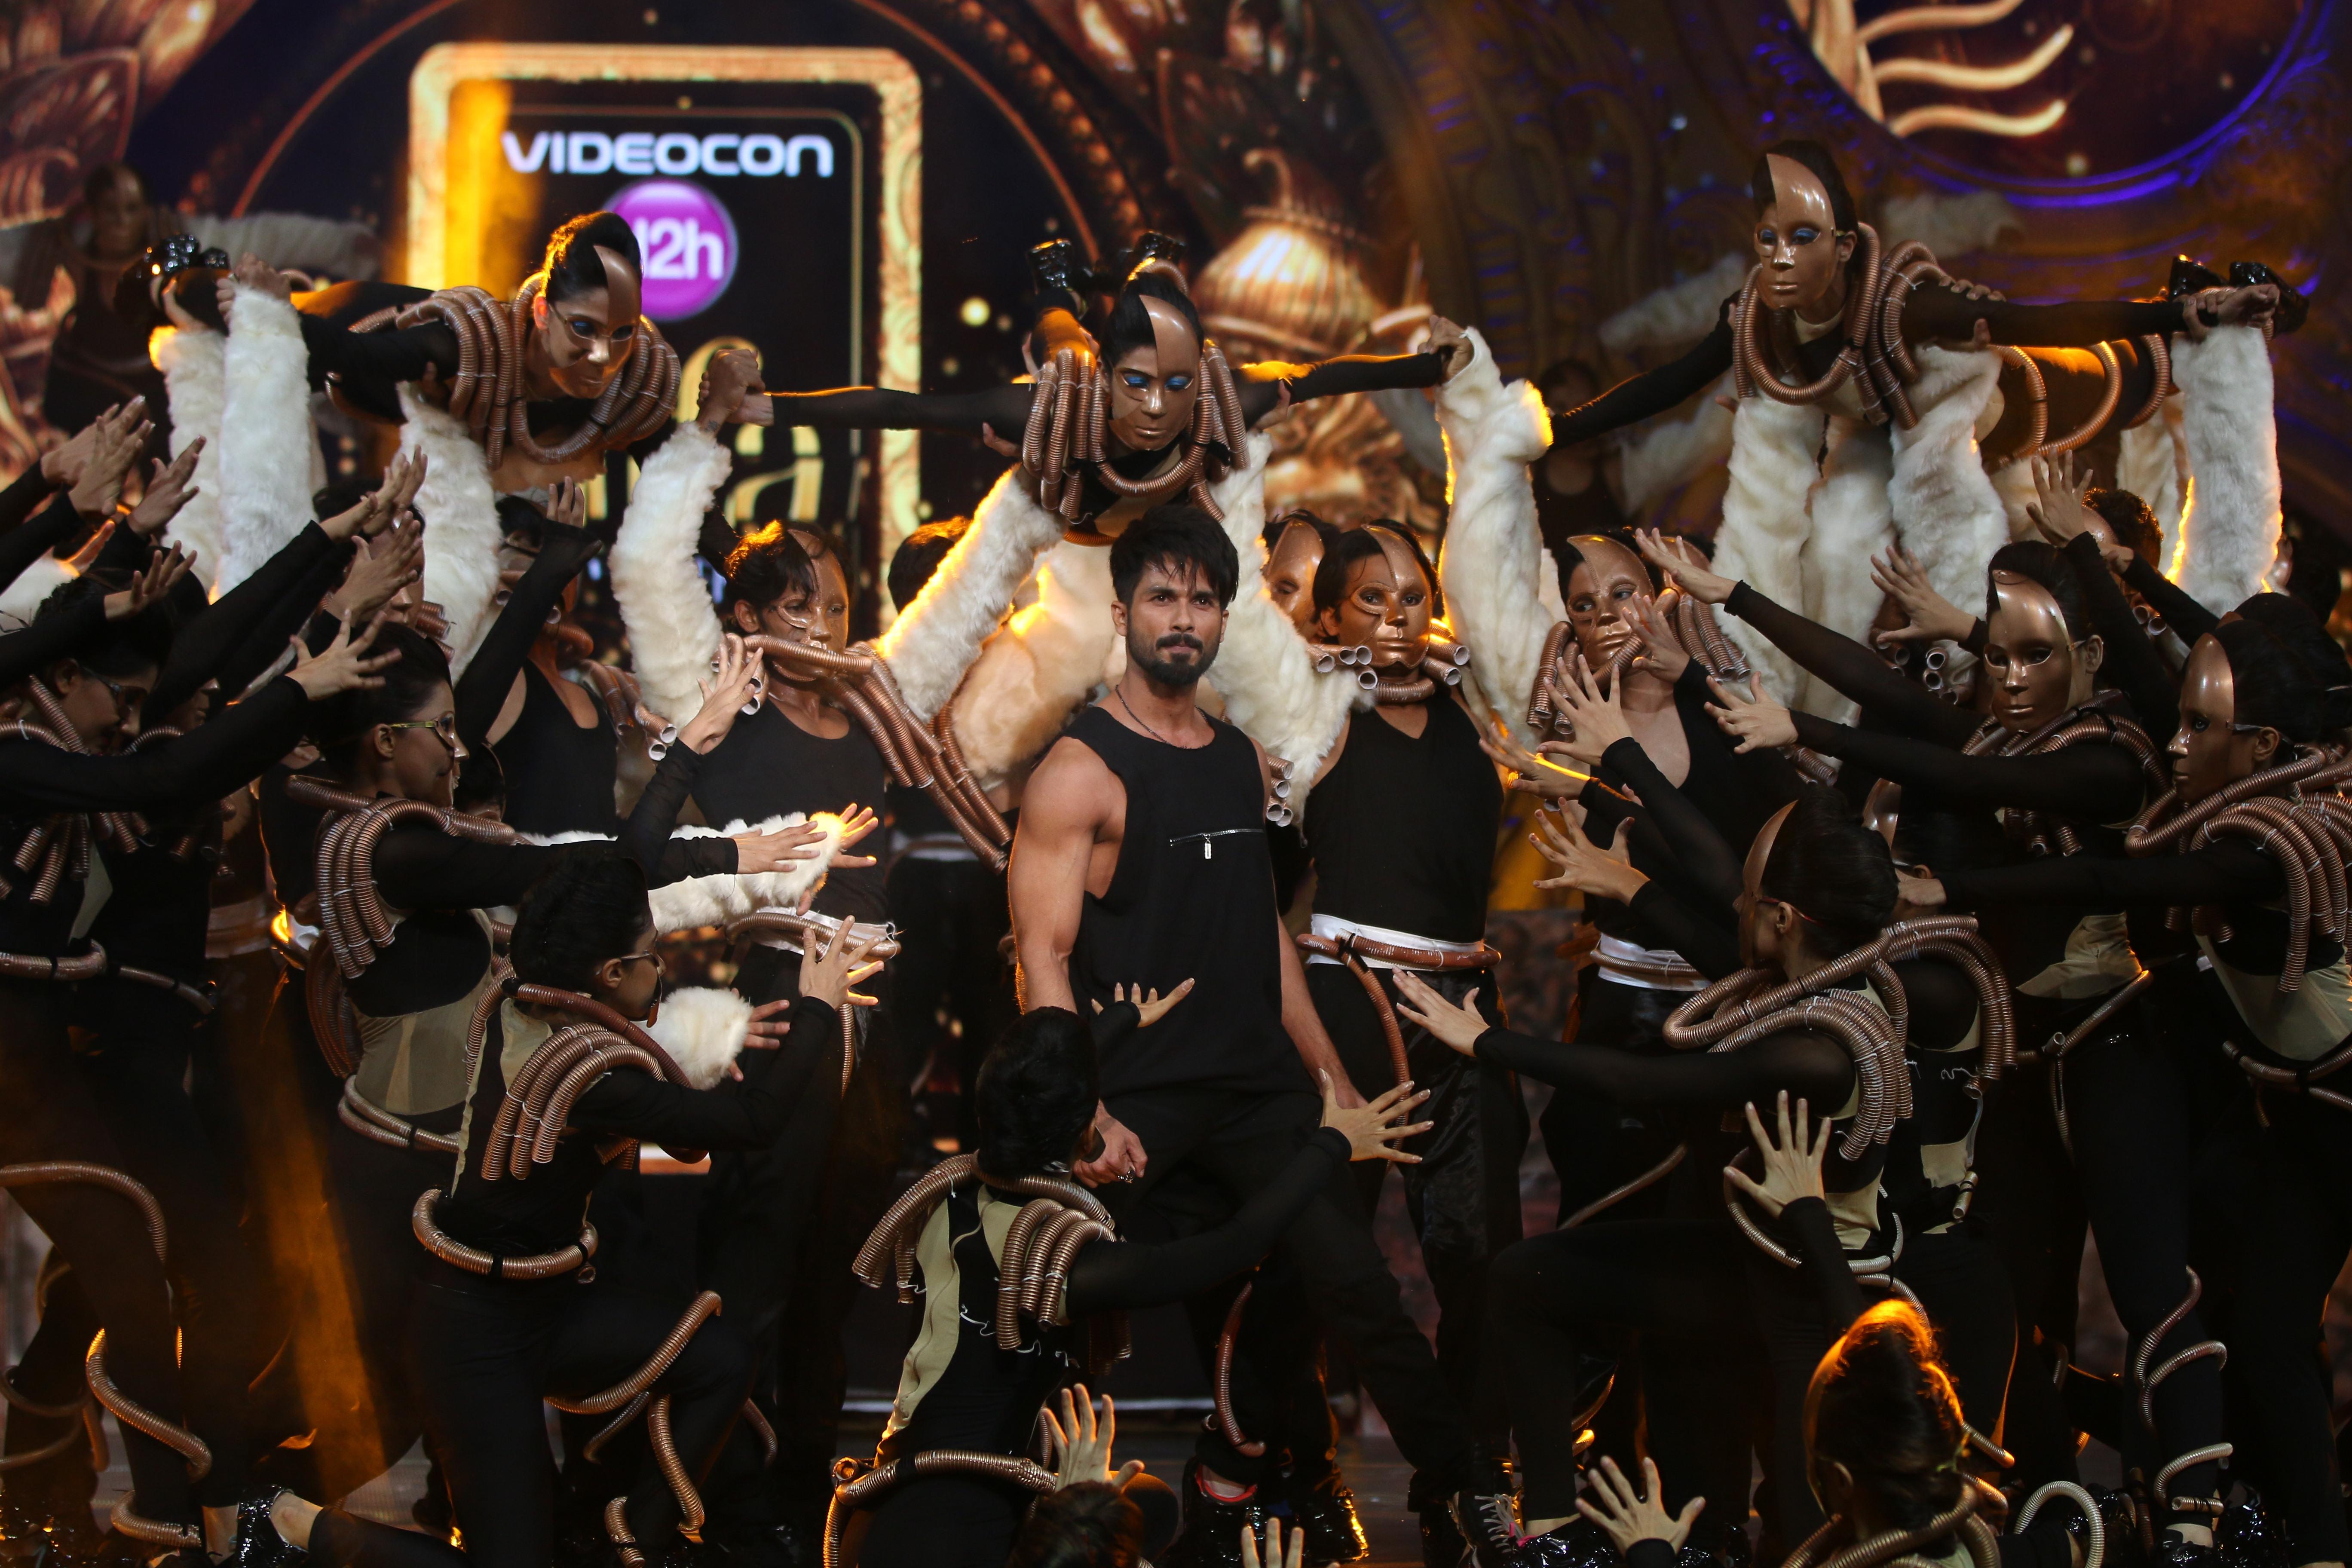 Shahid Kapoor Performance 2